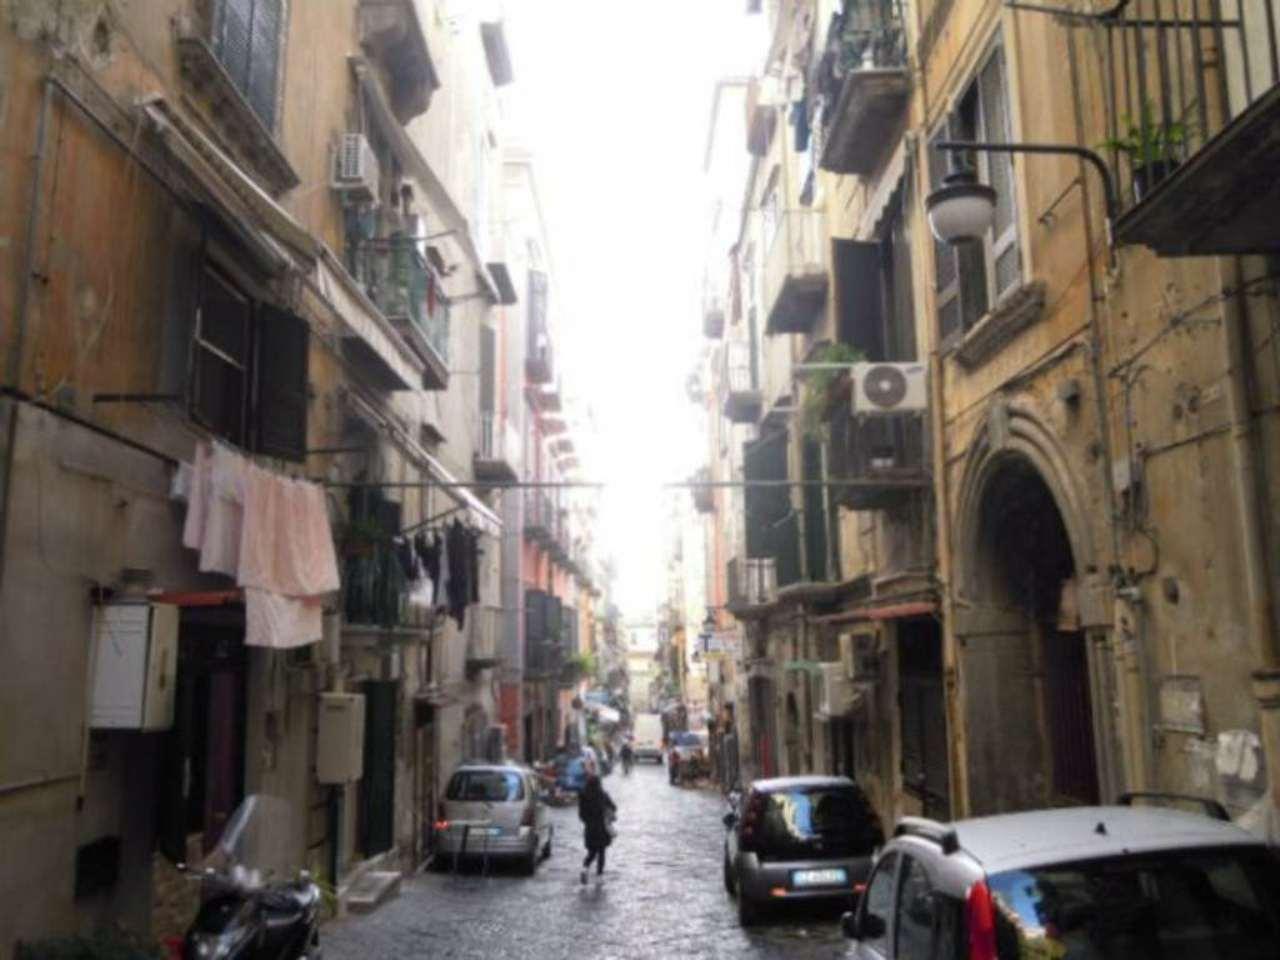 Attico / Mansarda in vendita a Napoli, 6 locali, zona Zona: 1 . Chiaia, Posillipo, San Ferdinando, prezzo € 390.000 | Cambio Casa.it